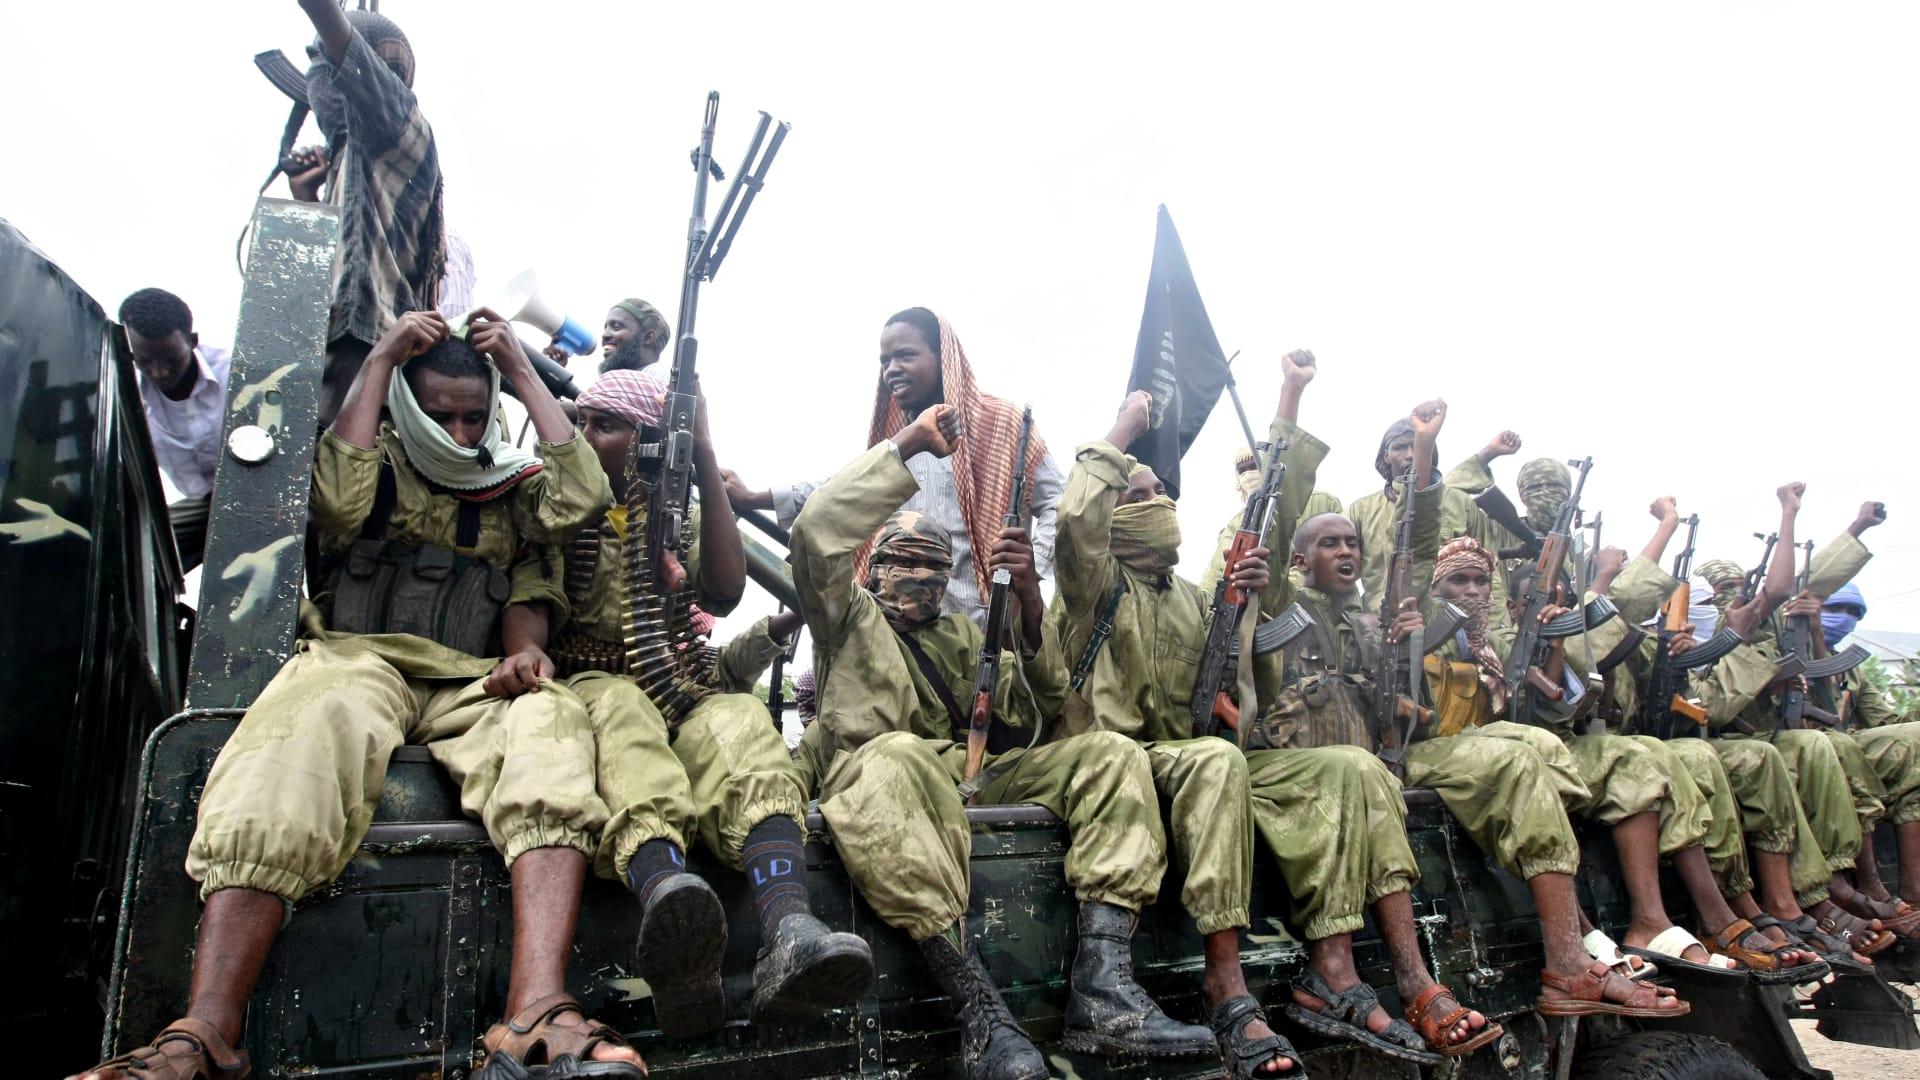 شاهد.. ما هي نتائج انفجار مقديشو الصومالية؟